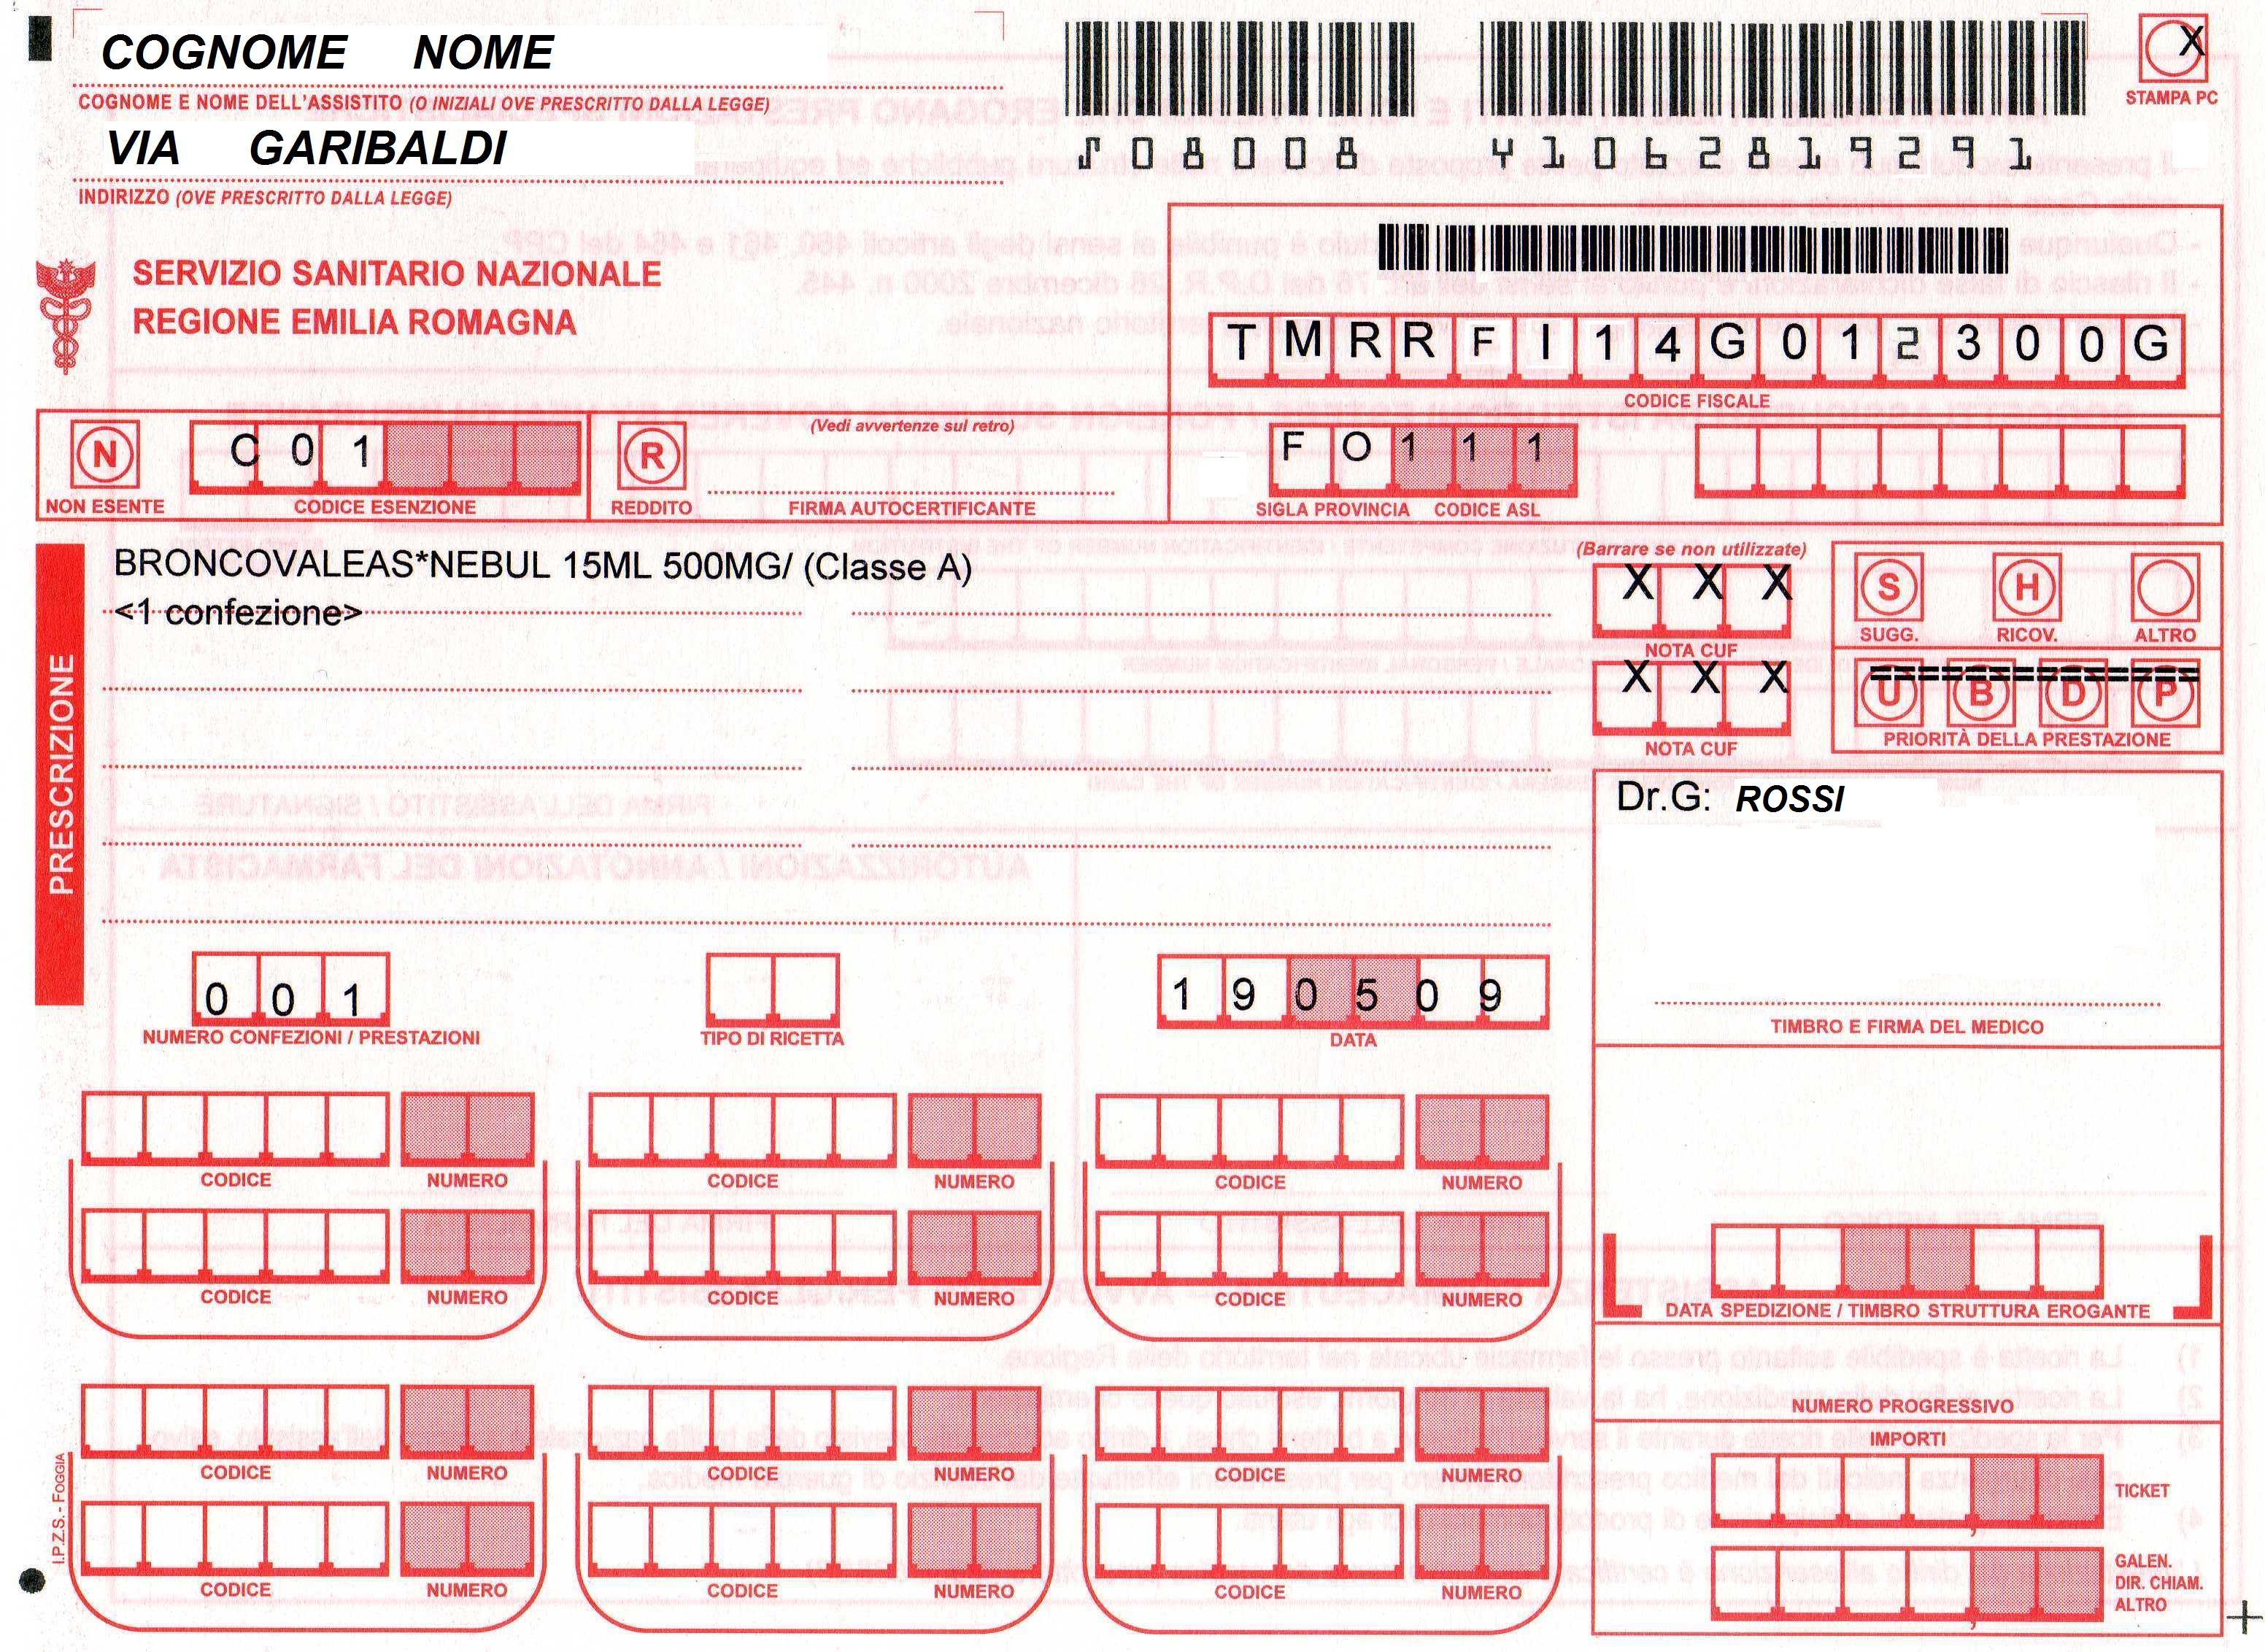 Pagamento Ticket Ospedaliero